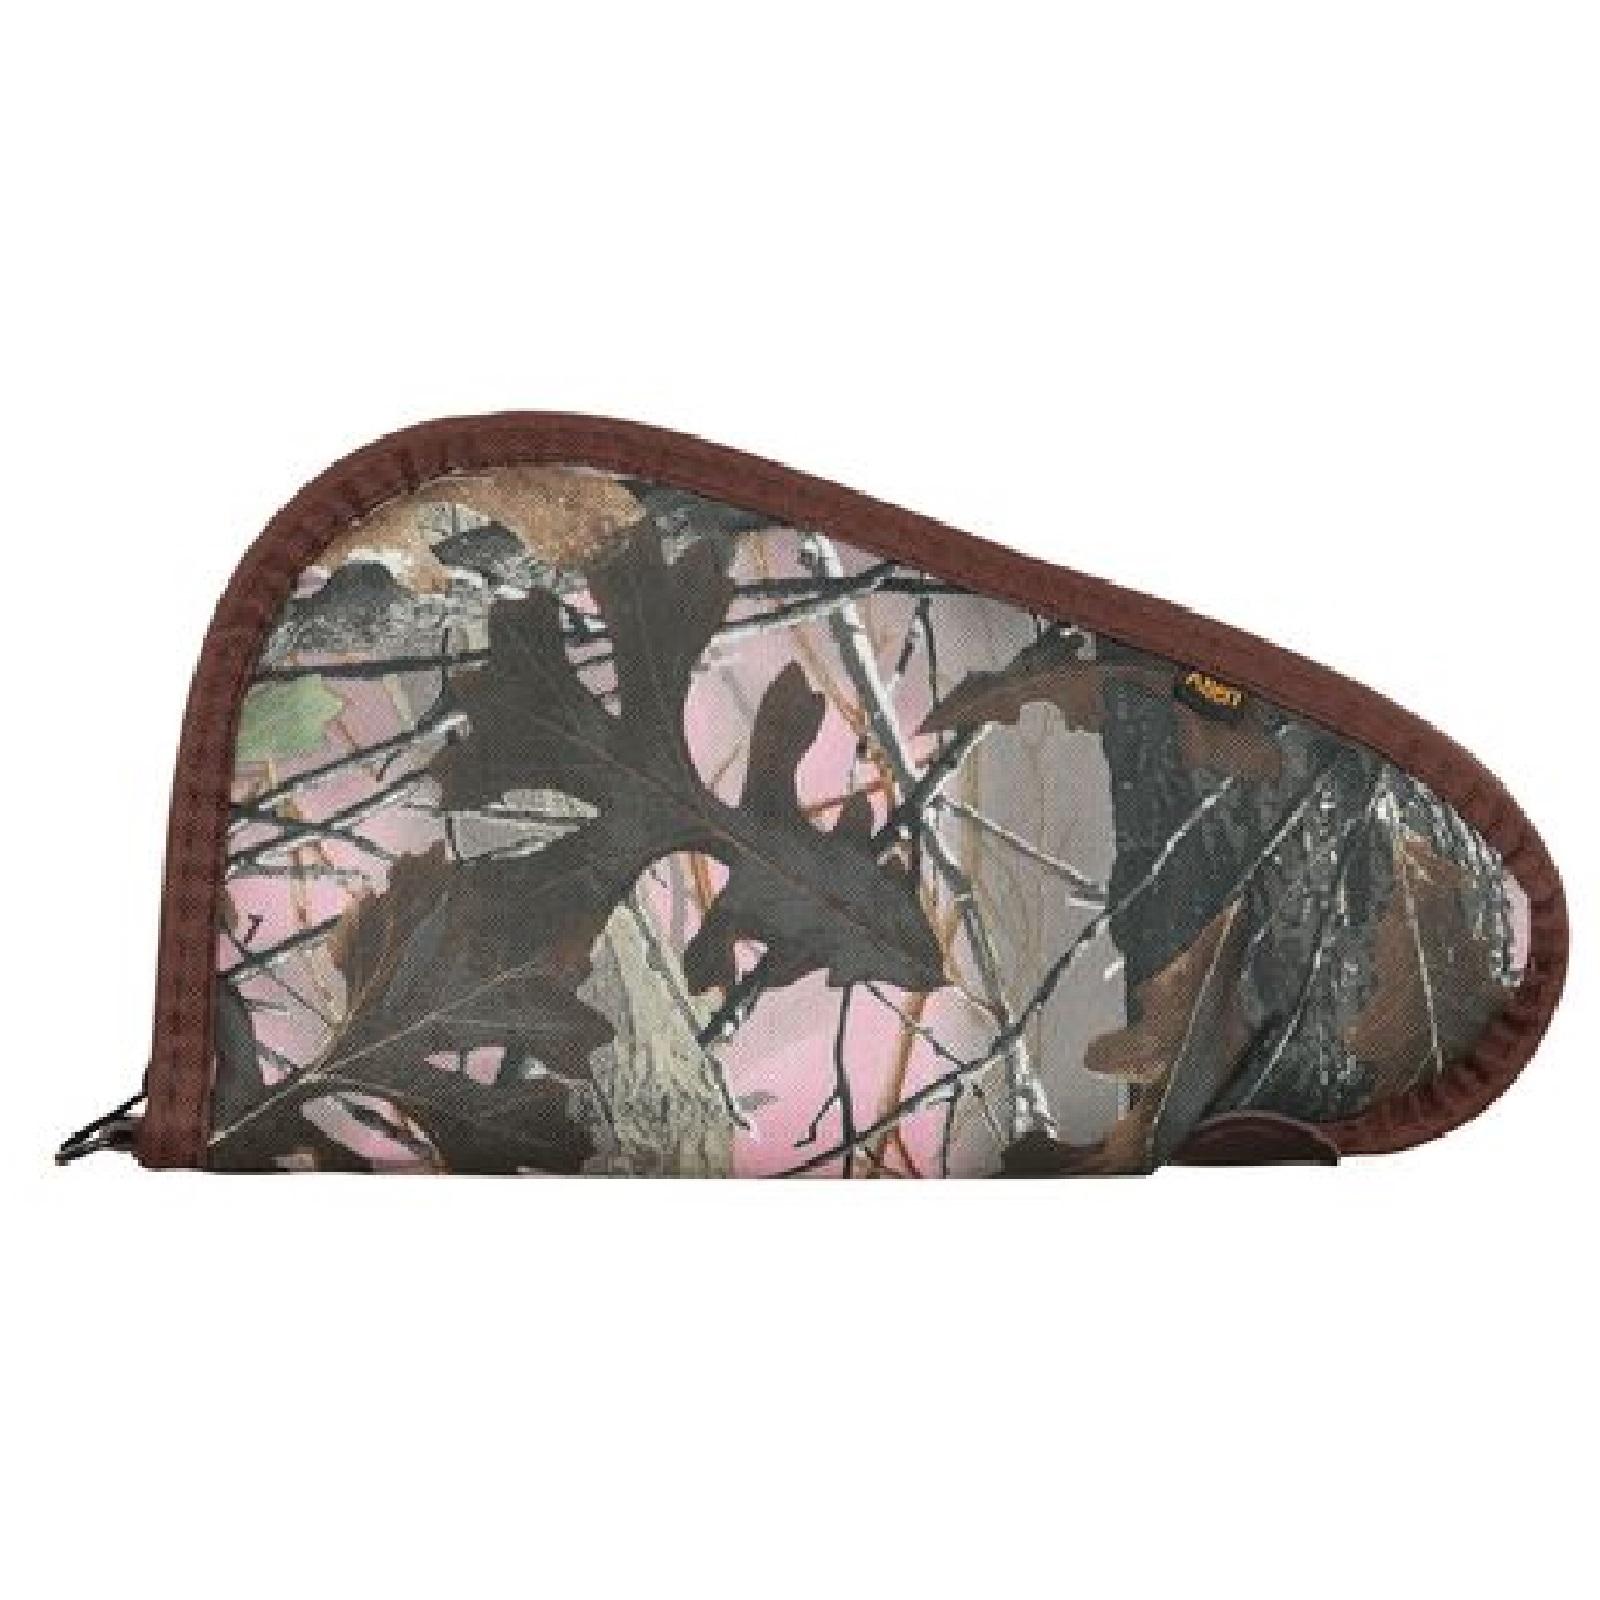 Allen 37-11 Soft Side Pistol Case 11 Inch Pink Camouflage ...